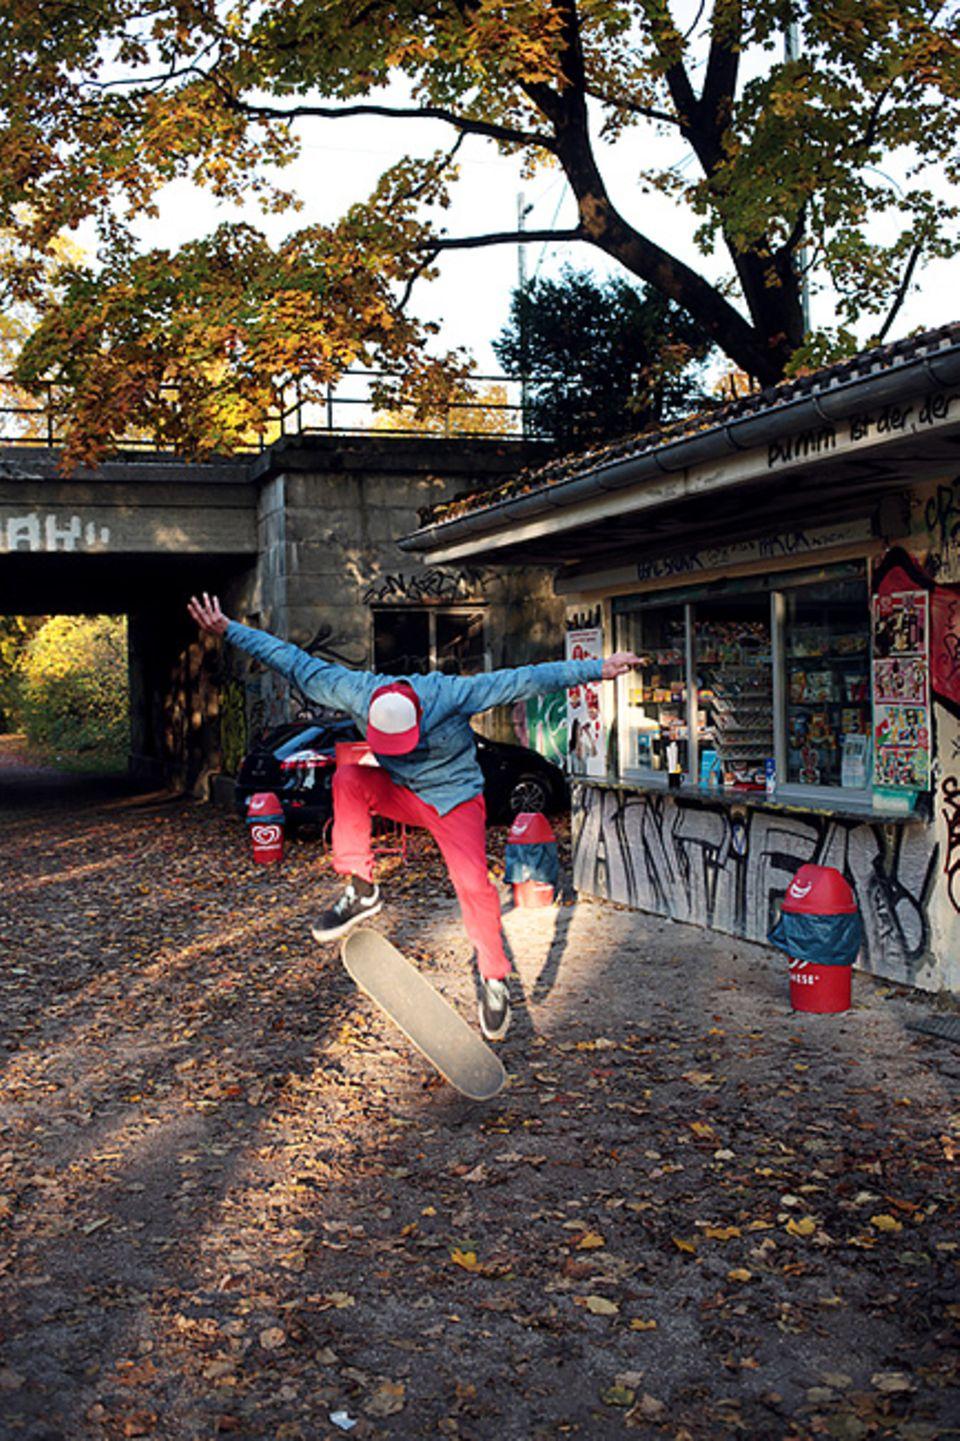 Giesing: Skaten und Chillen am alten Kiosk bei der Braunauer Brücke